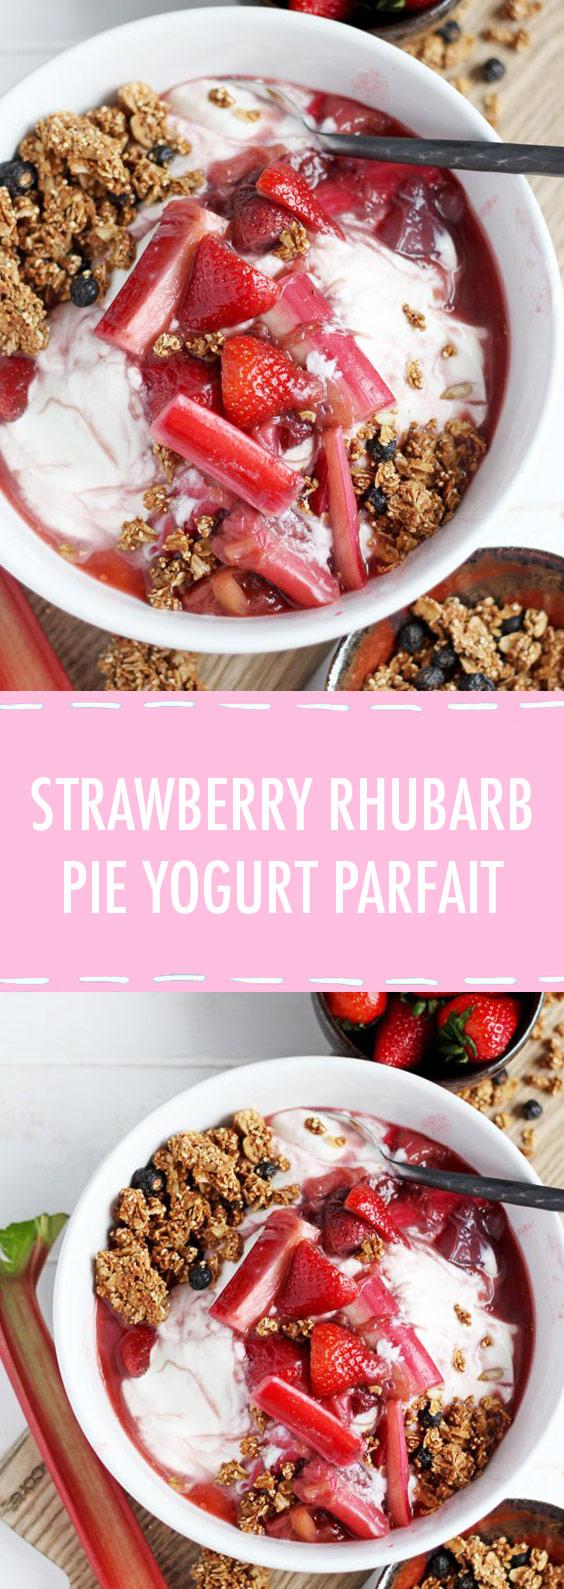 Strawberry Rhubarb Pie Yogurt Parfait